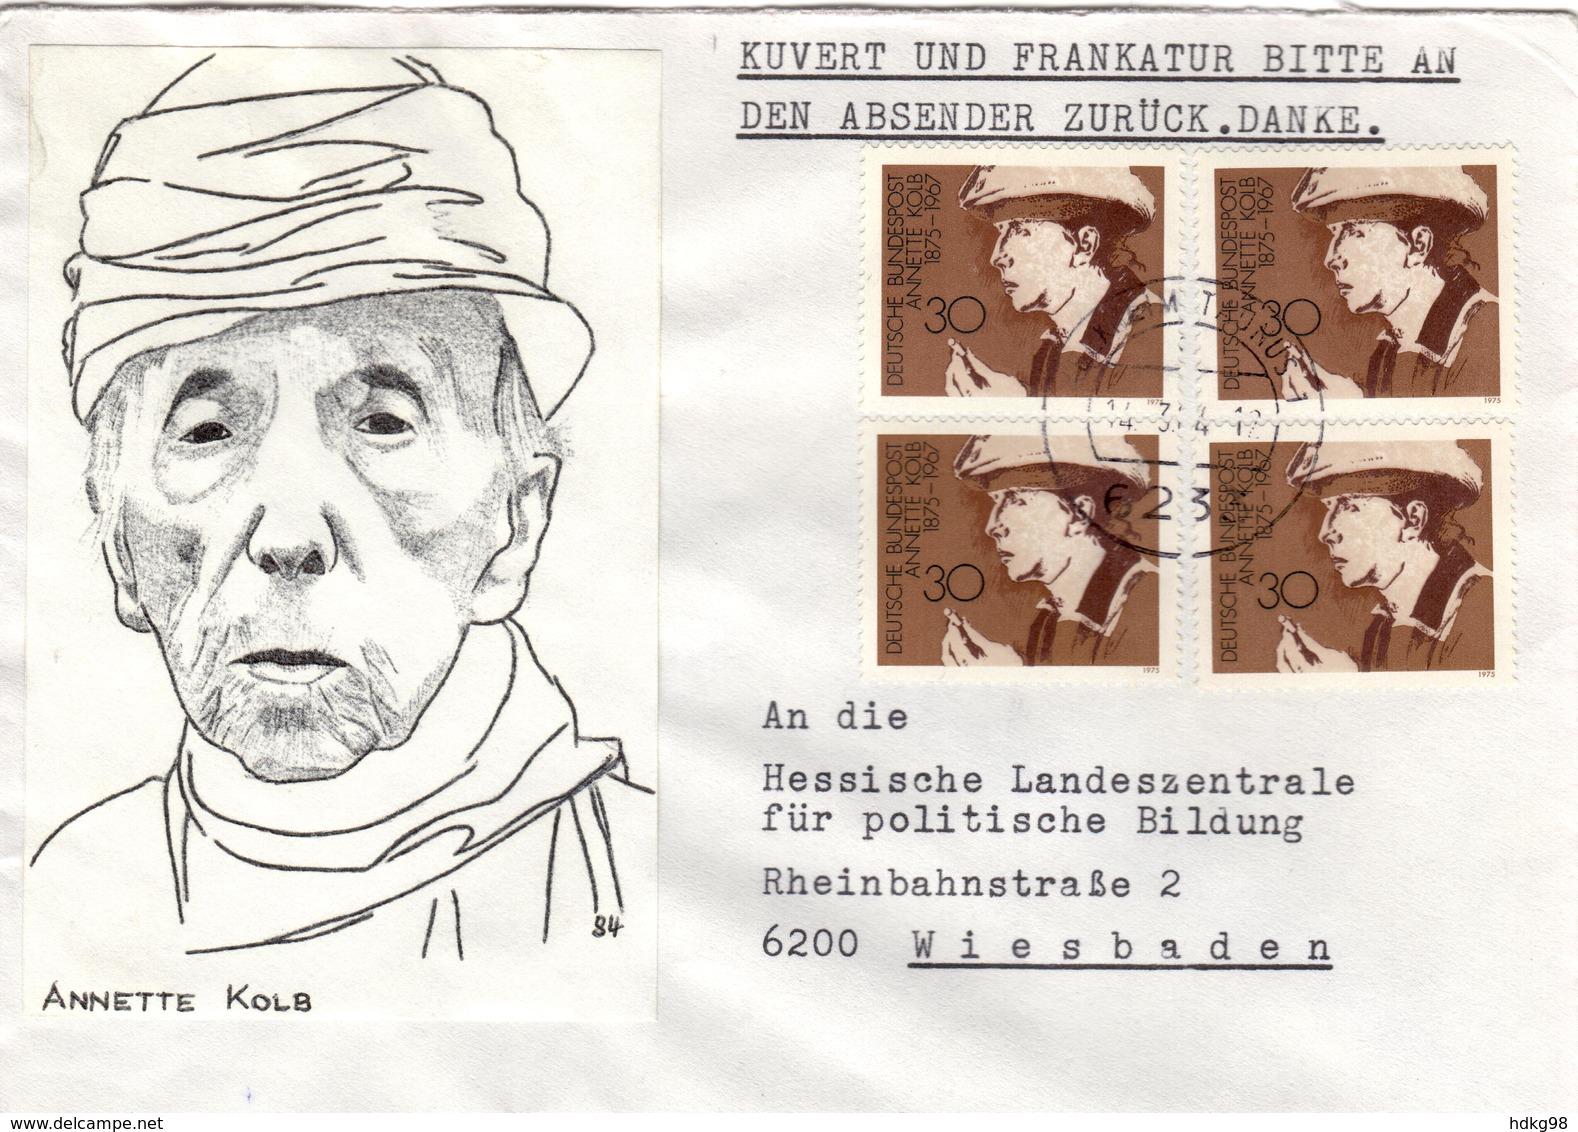 D+ Deutschland 1975 Mi 826 Annette Kolb (UNIKAT / ÙNICO / PIÉCE UNIQUE / JEDINEČNÝ) - BRD